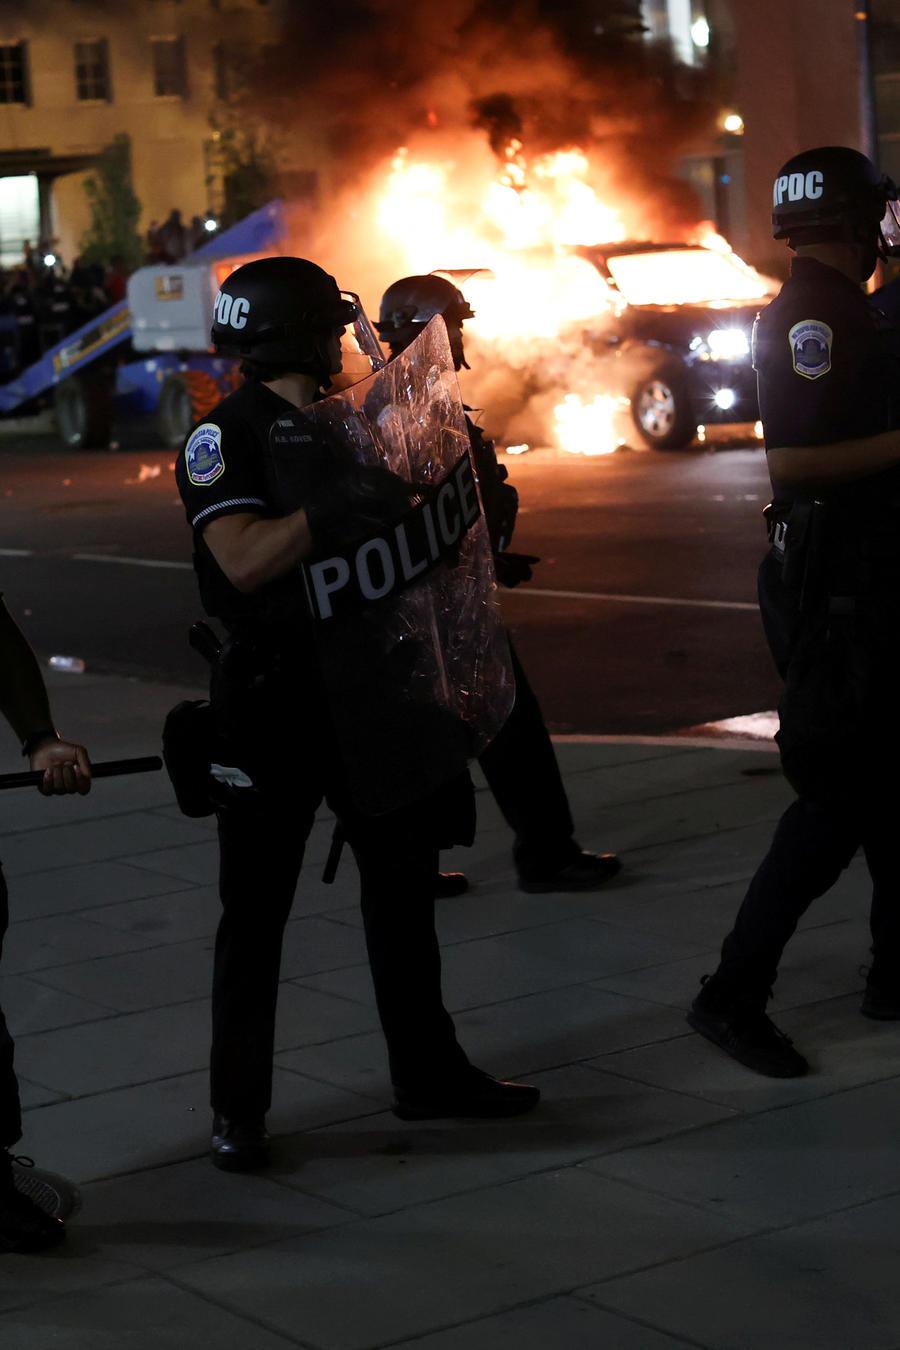 Los oficiales de policía observan cómo un automóvil arde en la parte posterior mientras los manifestantes continúan manifestando contra la muerte en la custodia policial de George Floyd, en Minneapolis, cerca de la Casa Blanca, en Washington, EE.UU.